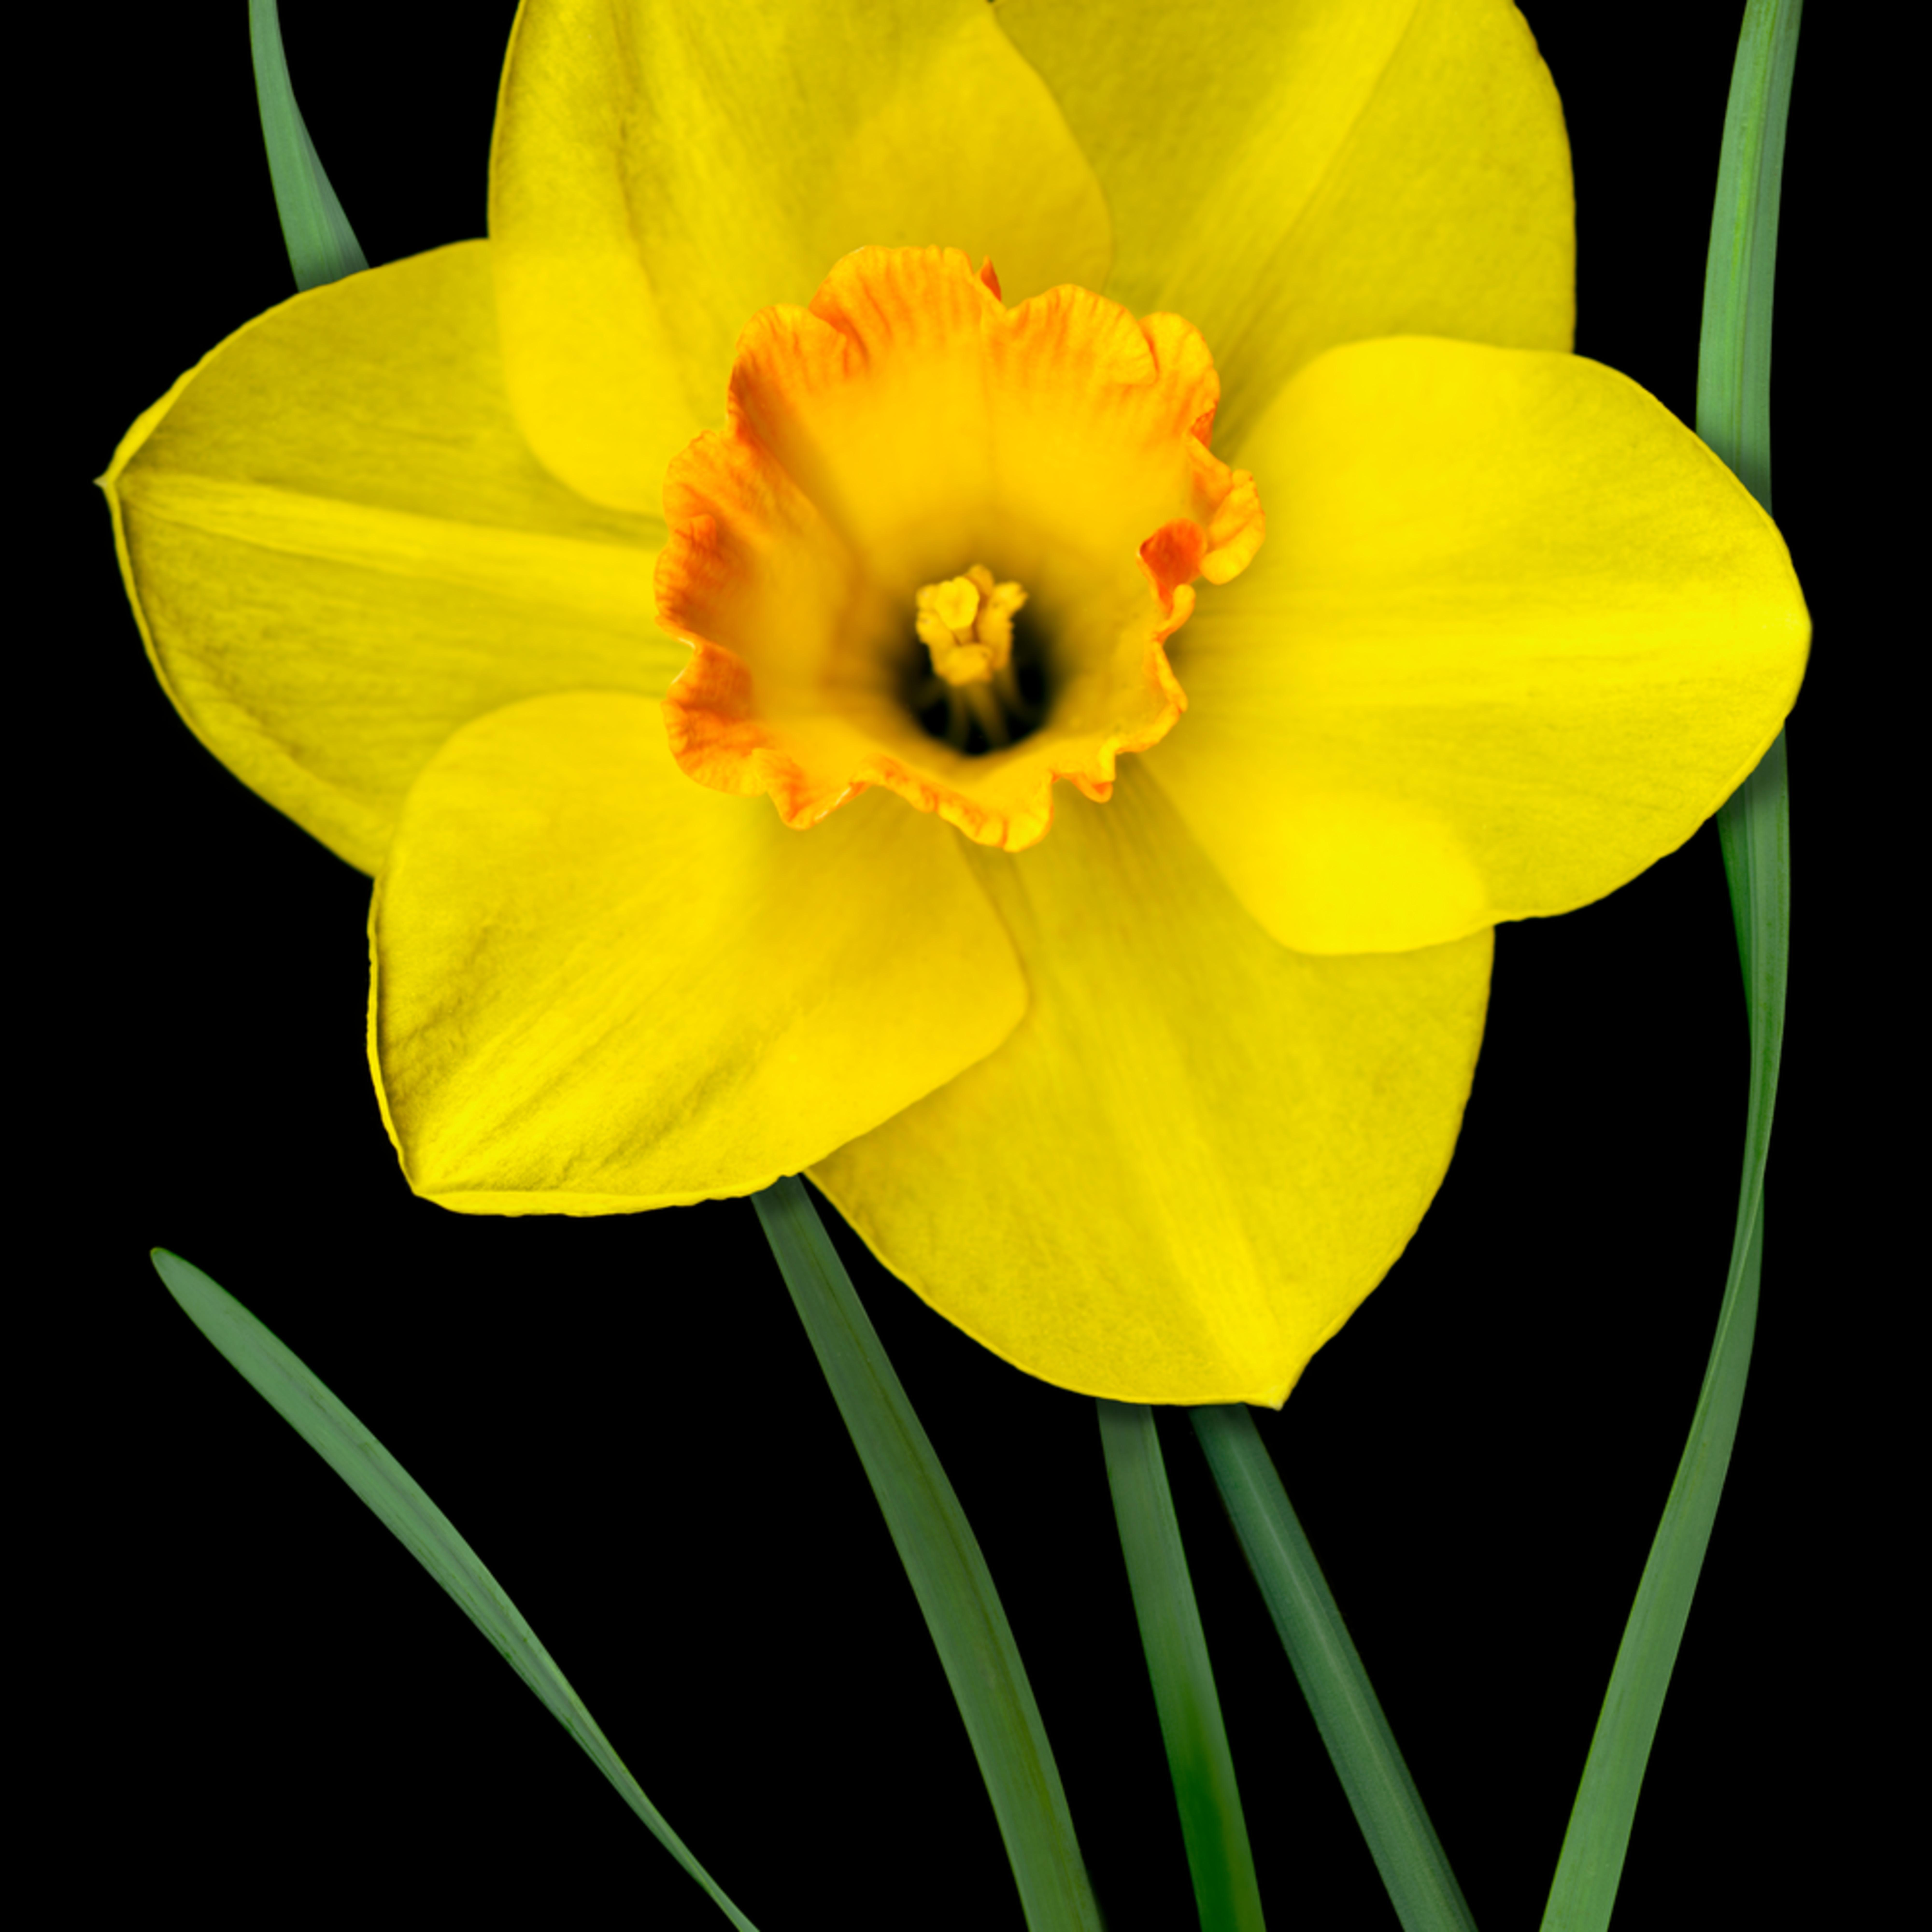 060402 ahern single yellow daffodil 40x30x300 gxcg8o